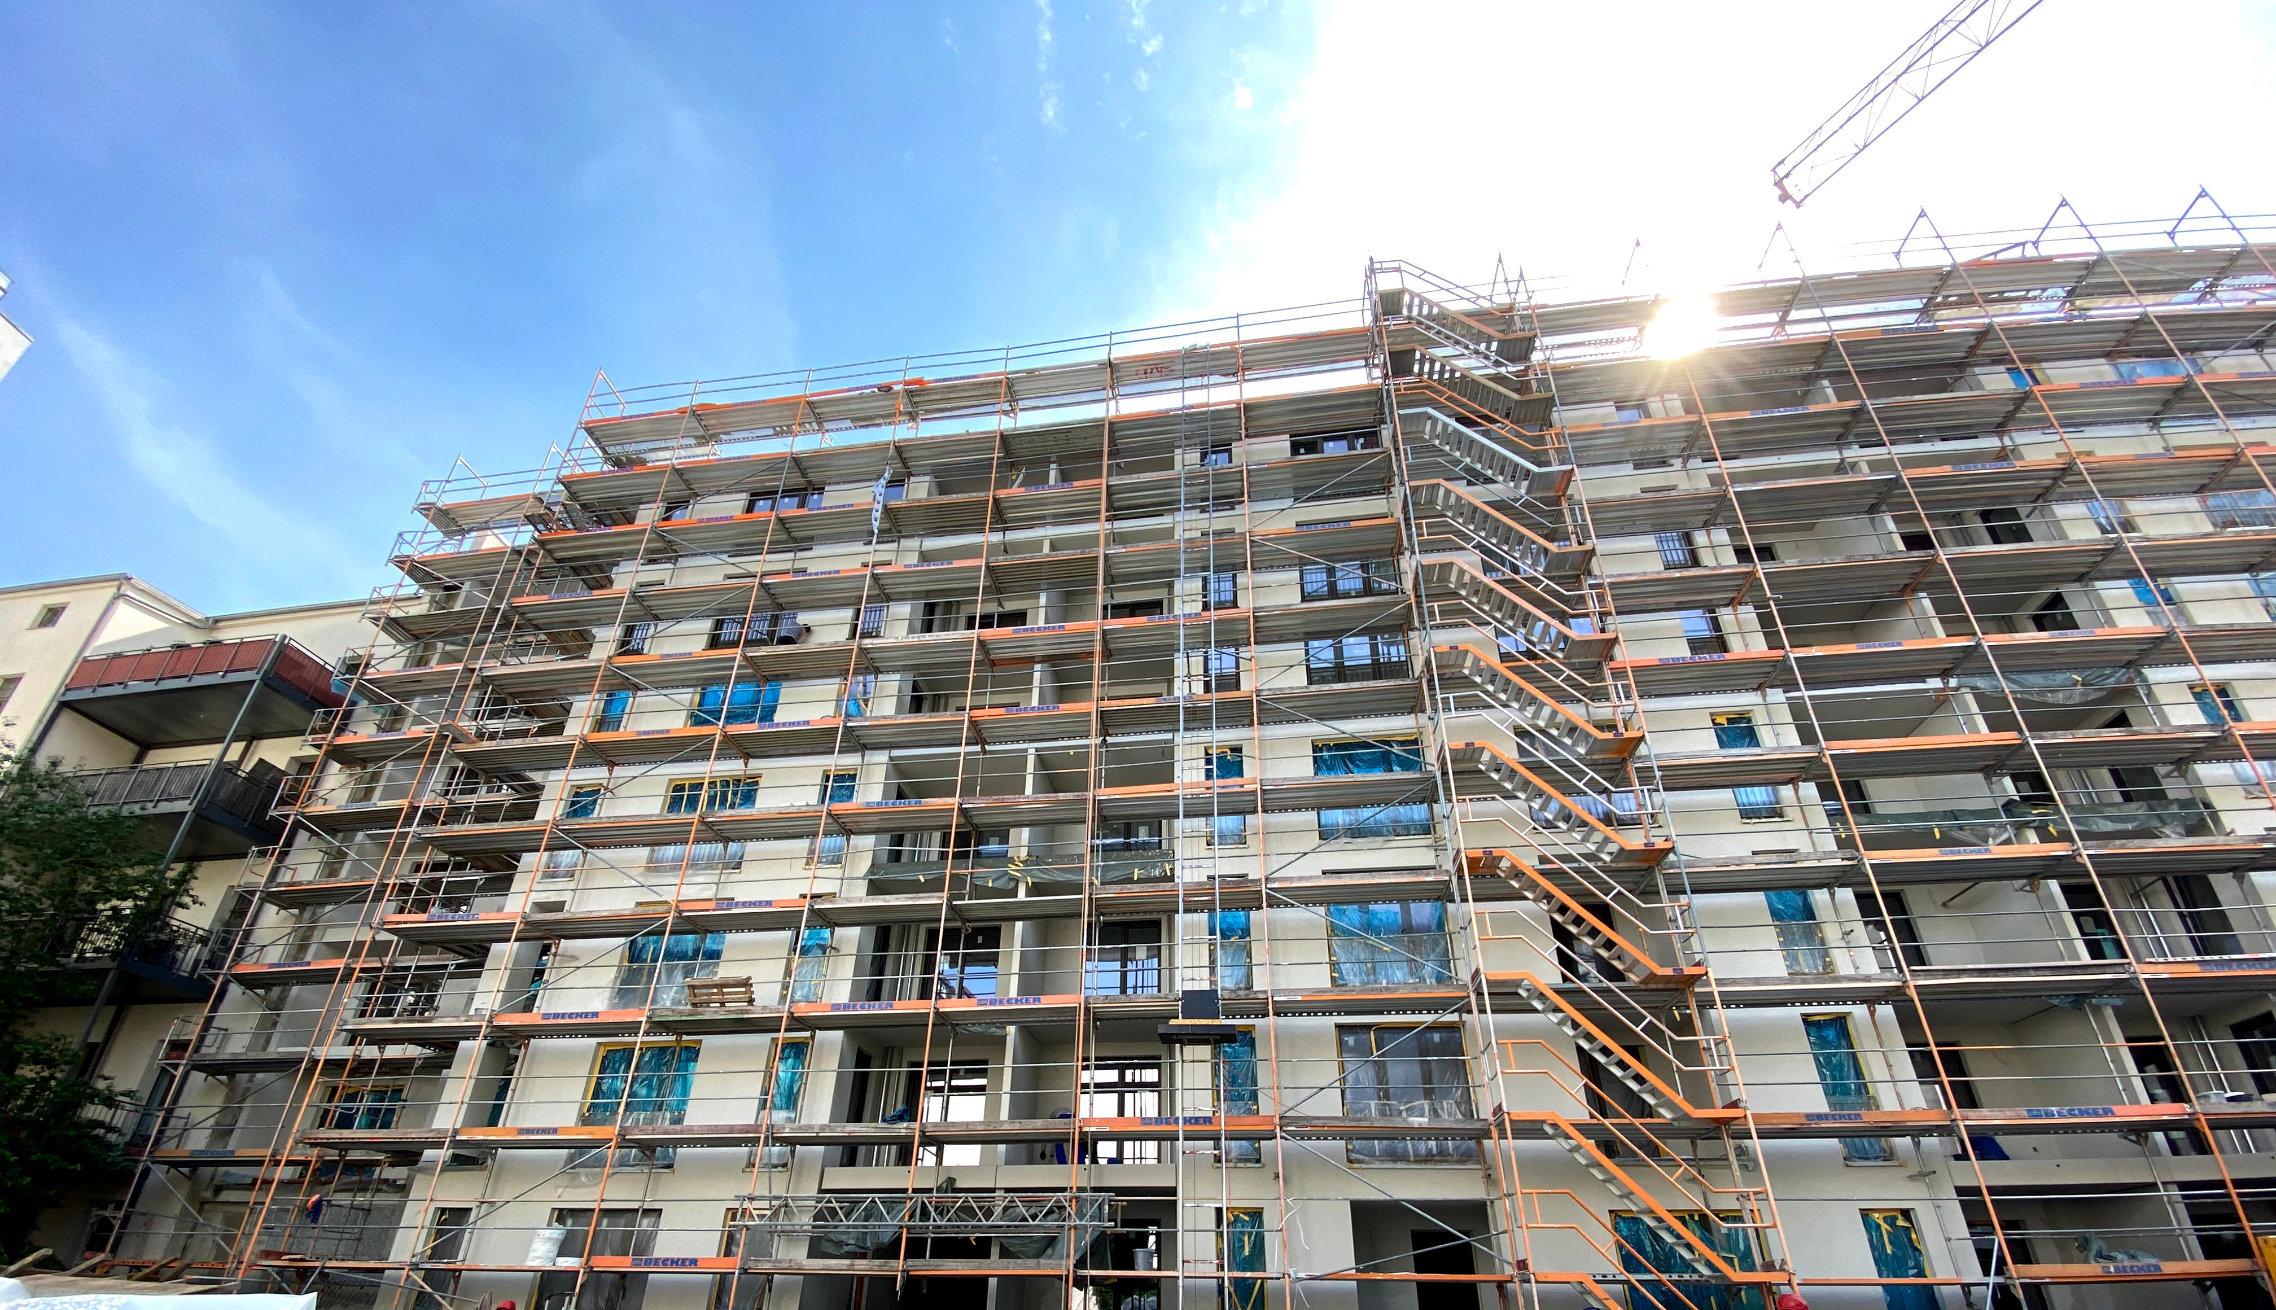 Fassadenarbeiten Firma führt bundesweit Außenputzarbeiten durch